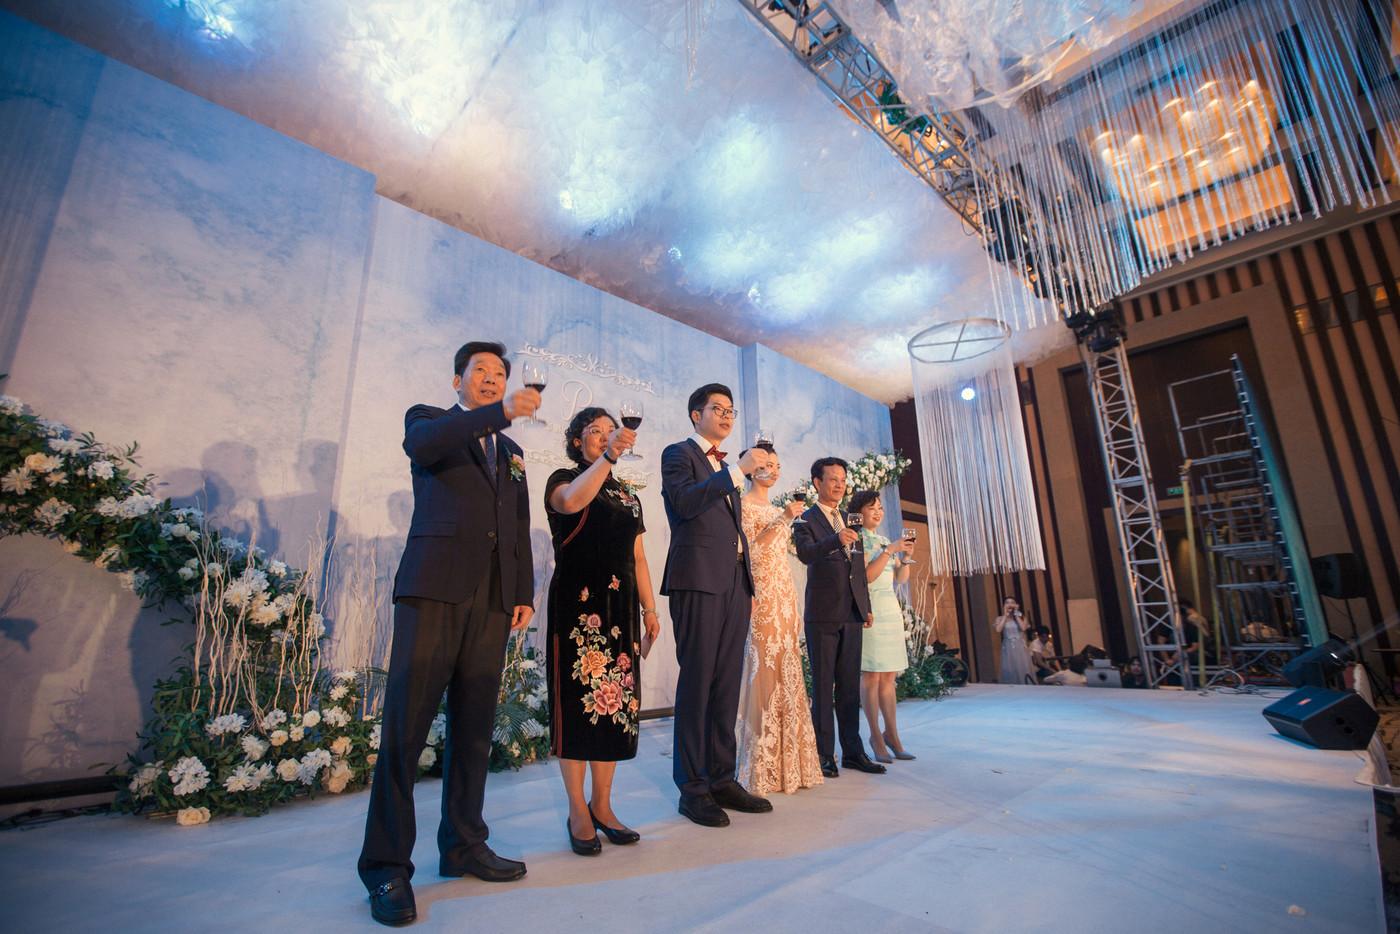 【KAI 婚礼纪实】P&S 南京婚礼62